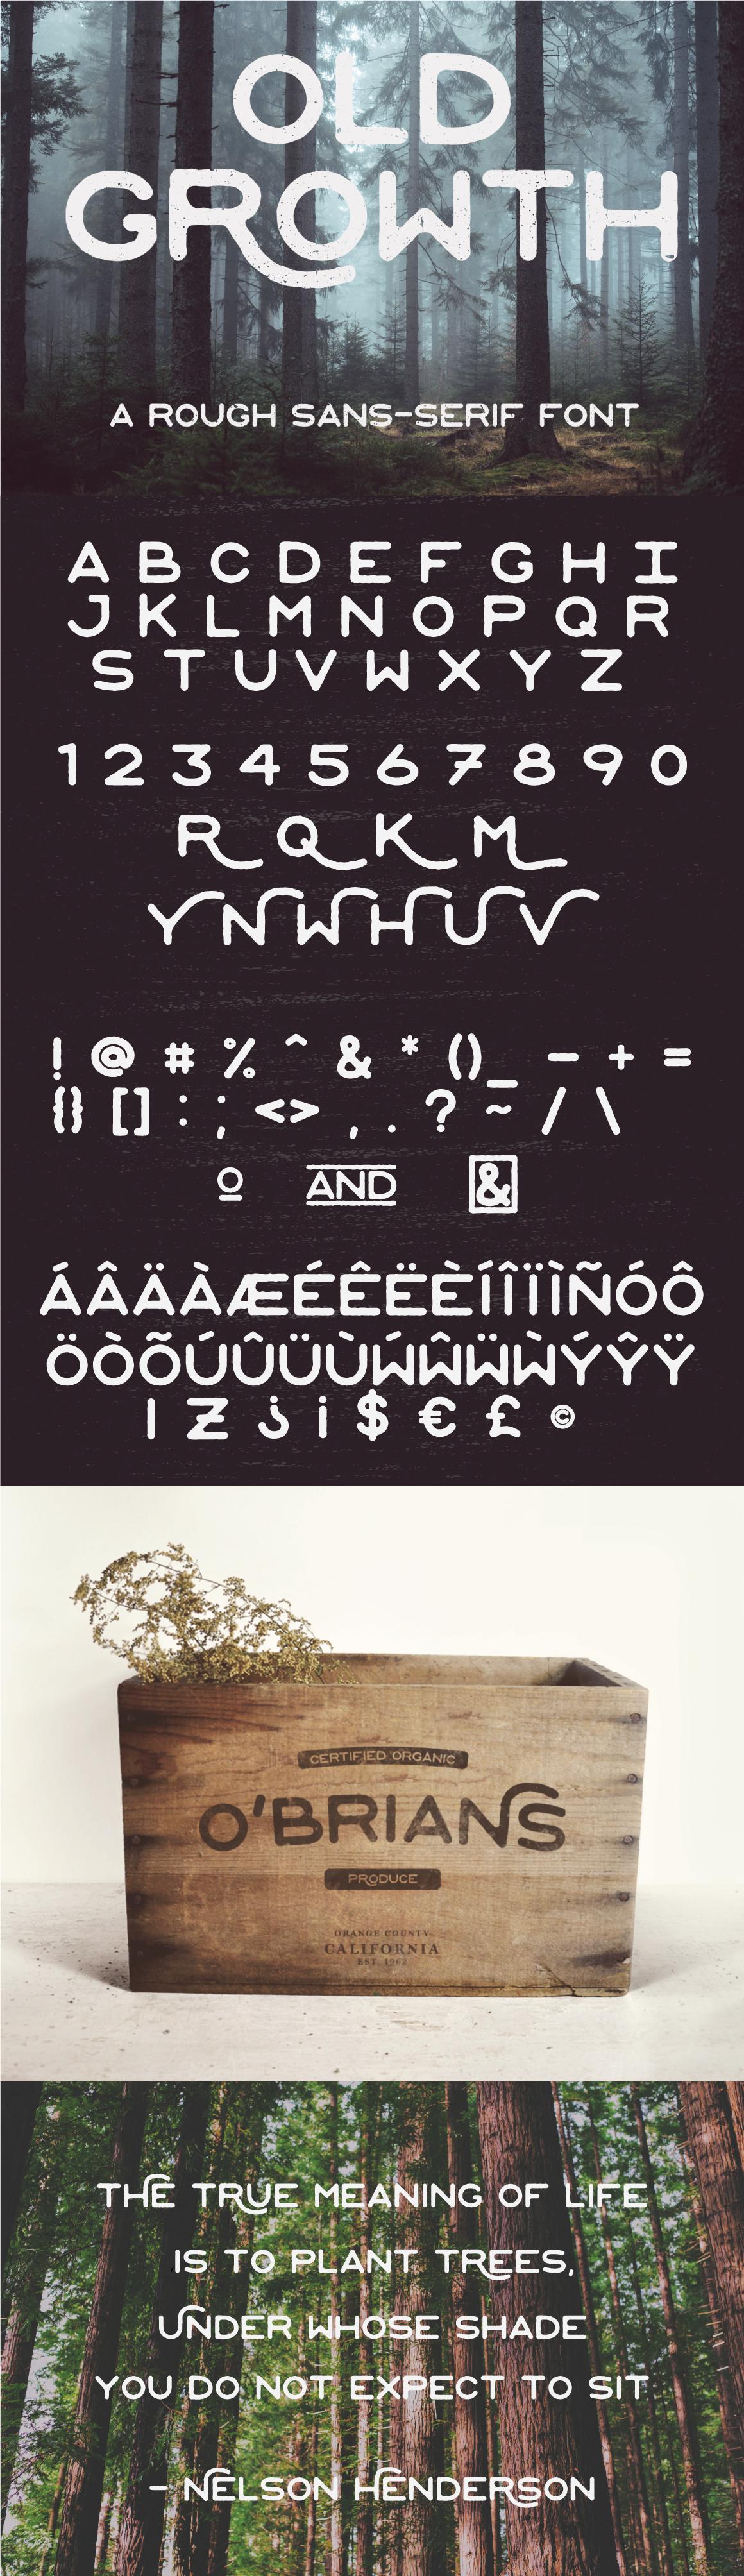 free Free font free fonts Typeface free typeface rough vintage grunge freebie freebies